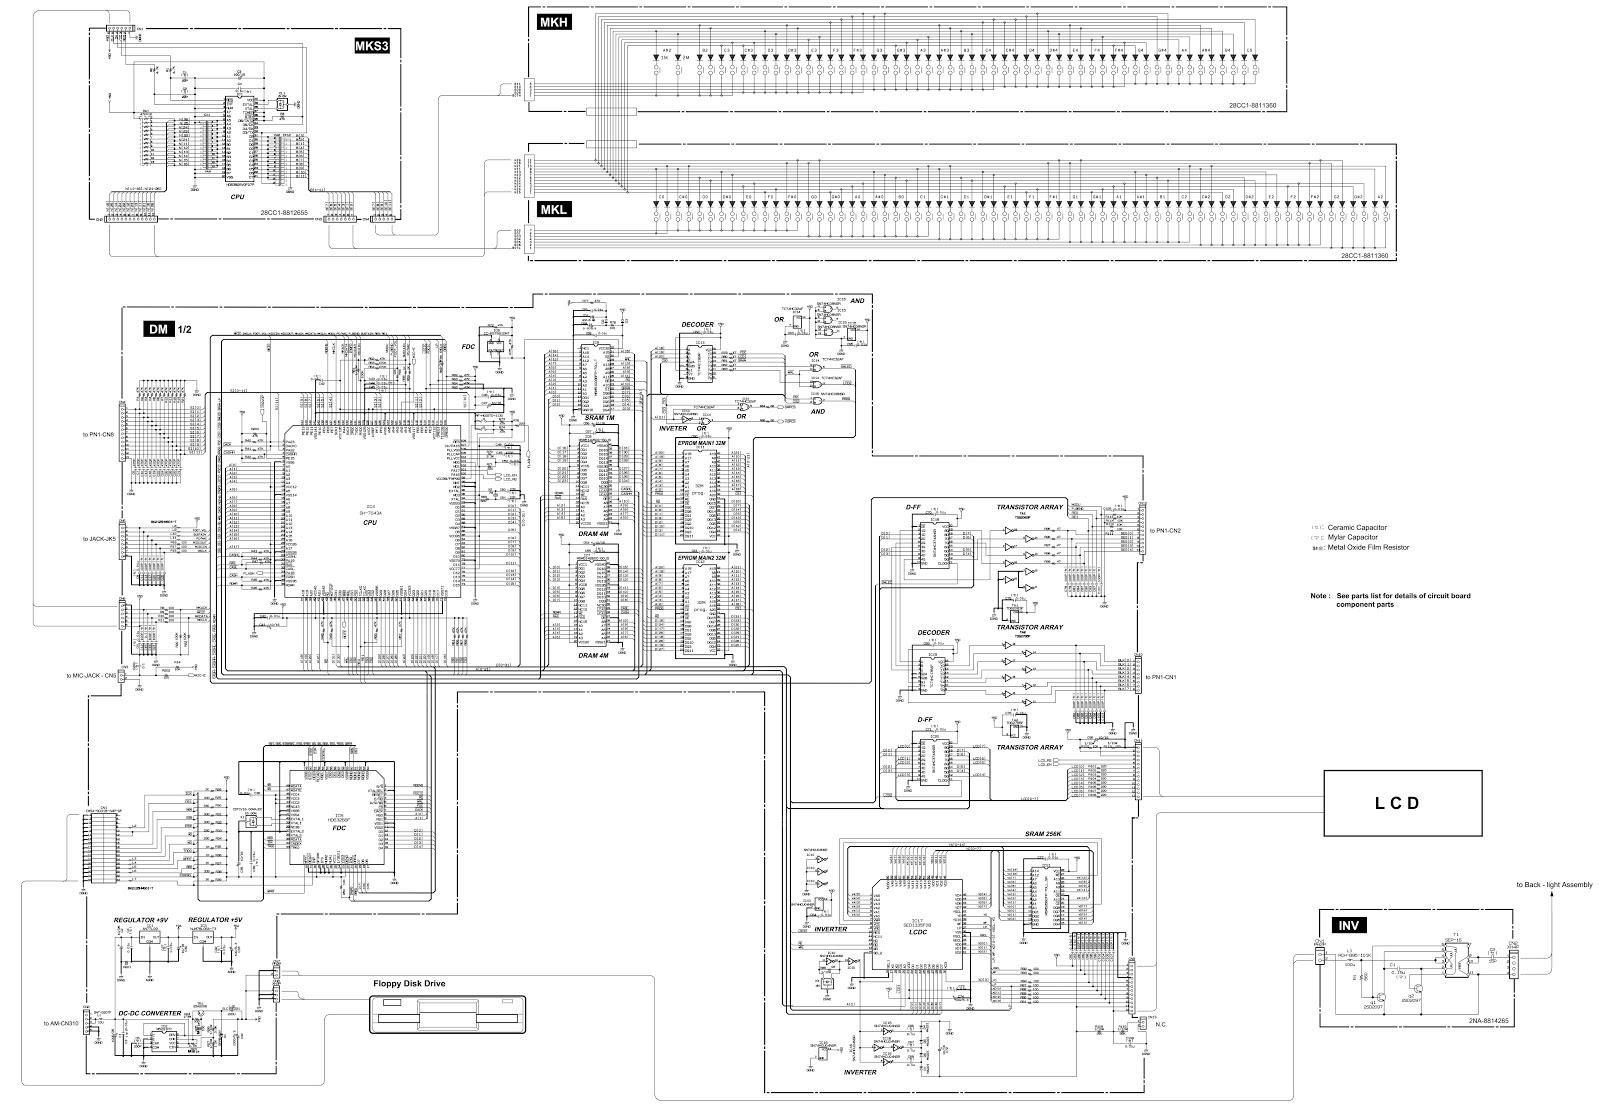 yamaha keyboard wiring diagram somurich com yamaha steering diagram yamaha keyboard wiring diagram [ 1600 x 1106 Pixel ]